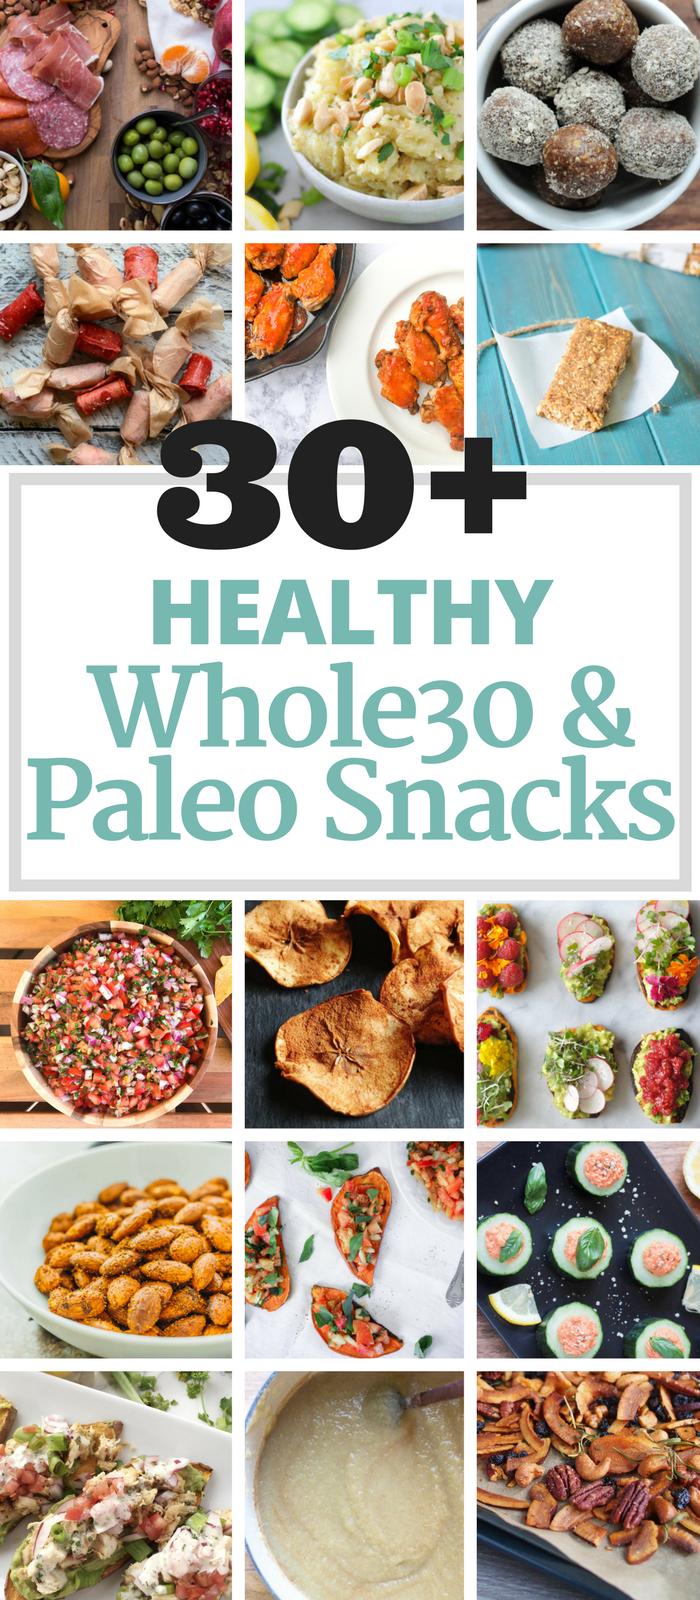 30+ Healthy Whole30 & Paleo Snacks via The Whole Cook